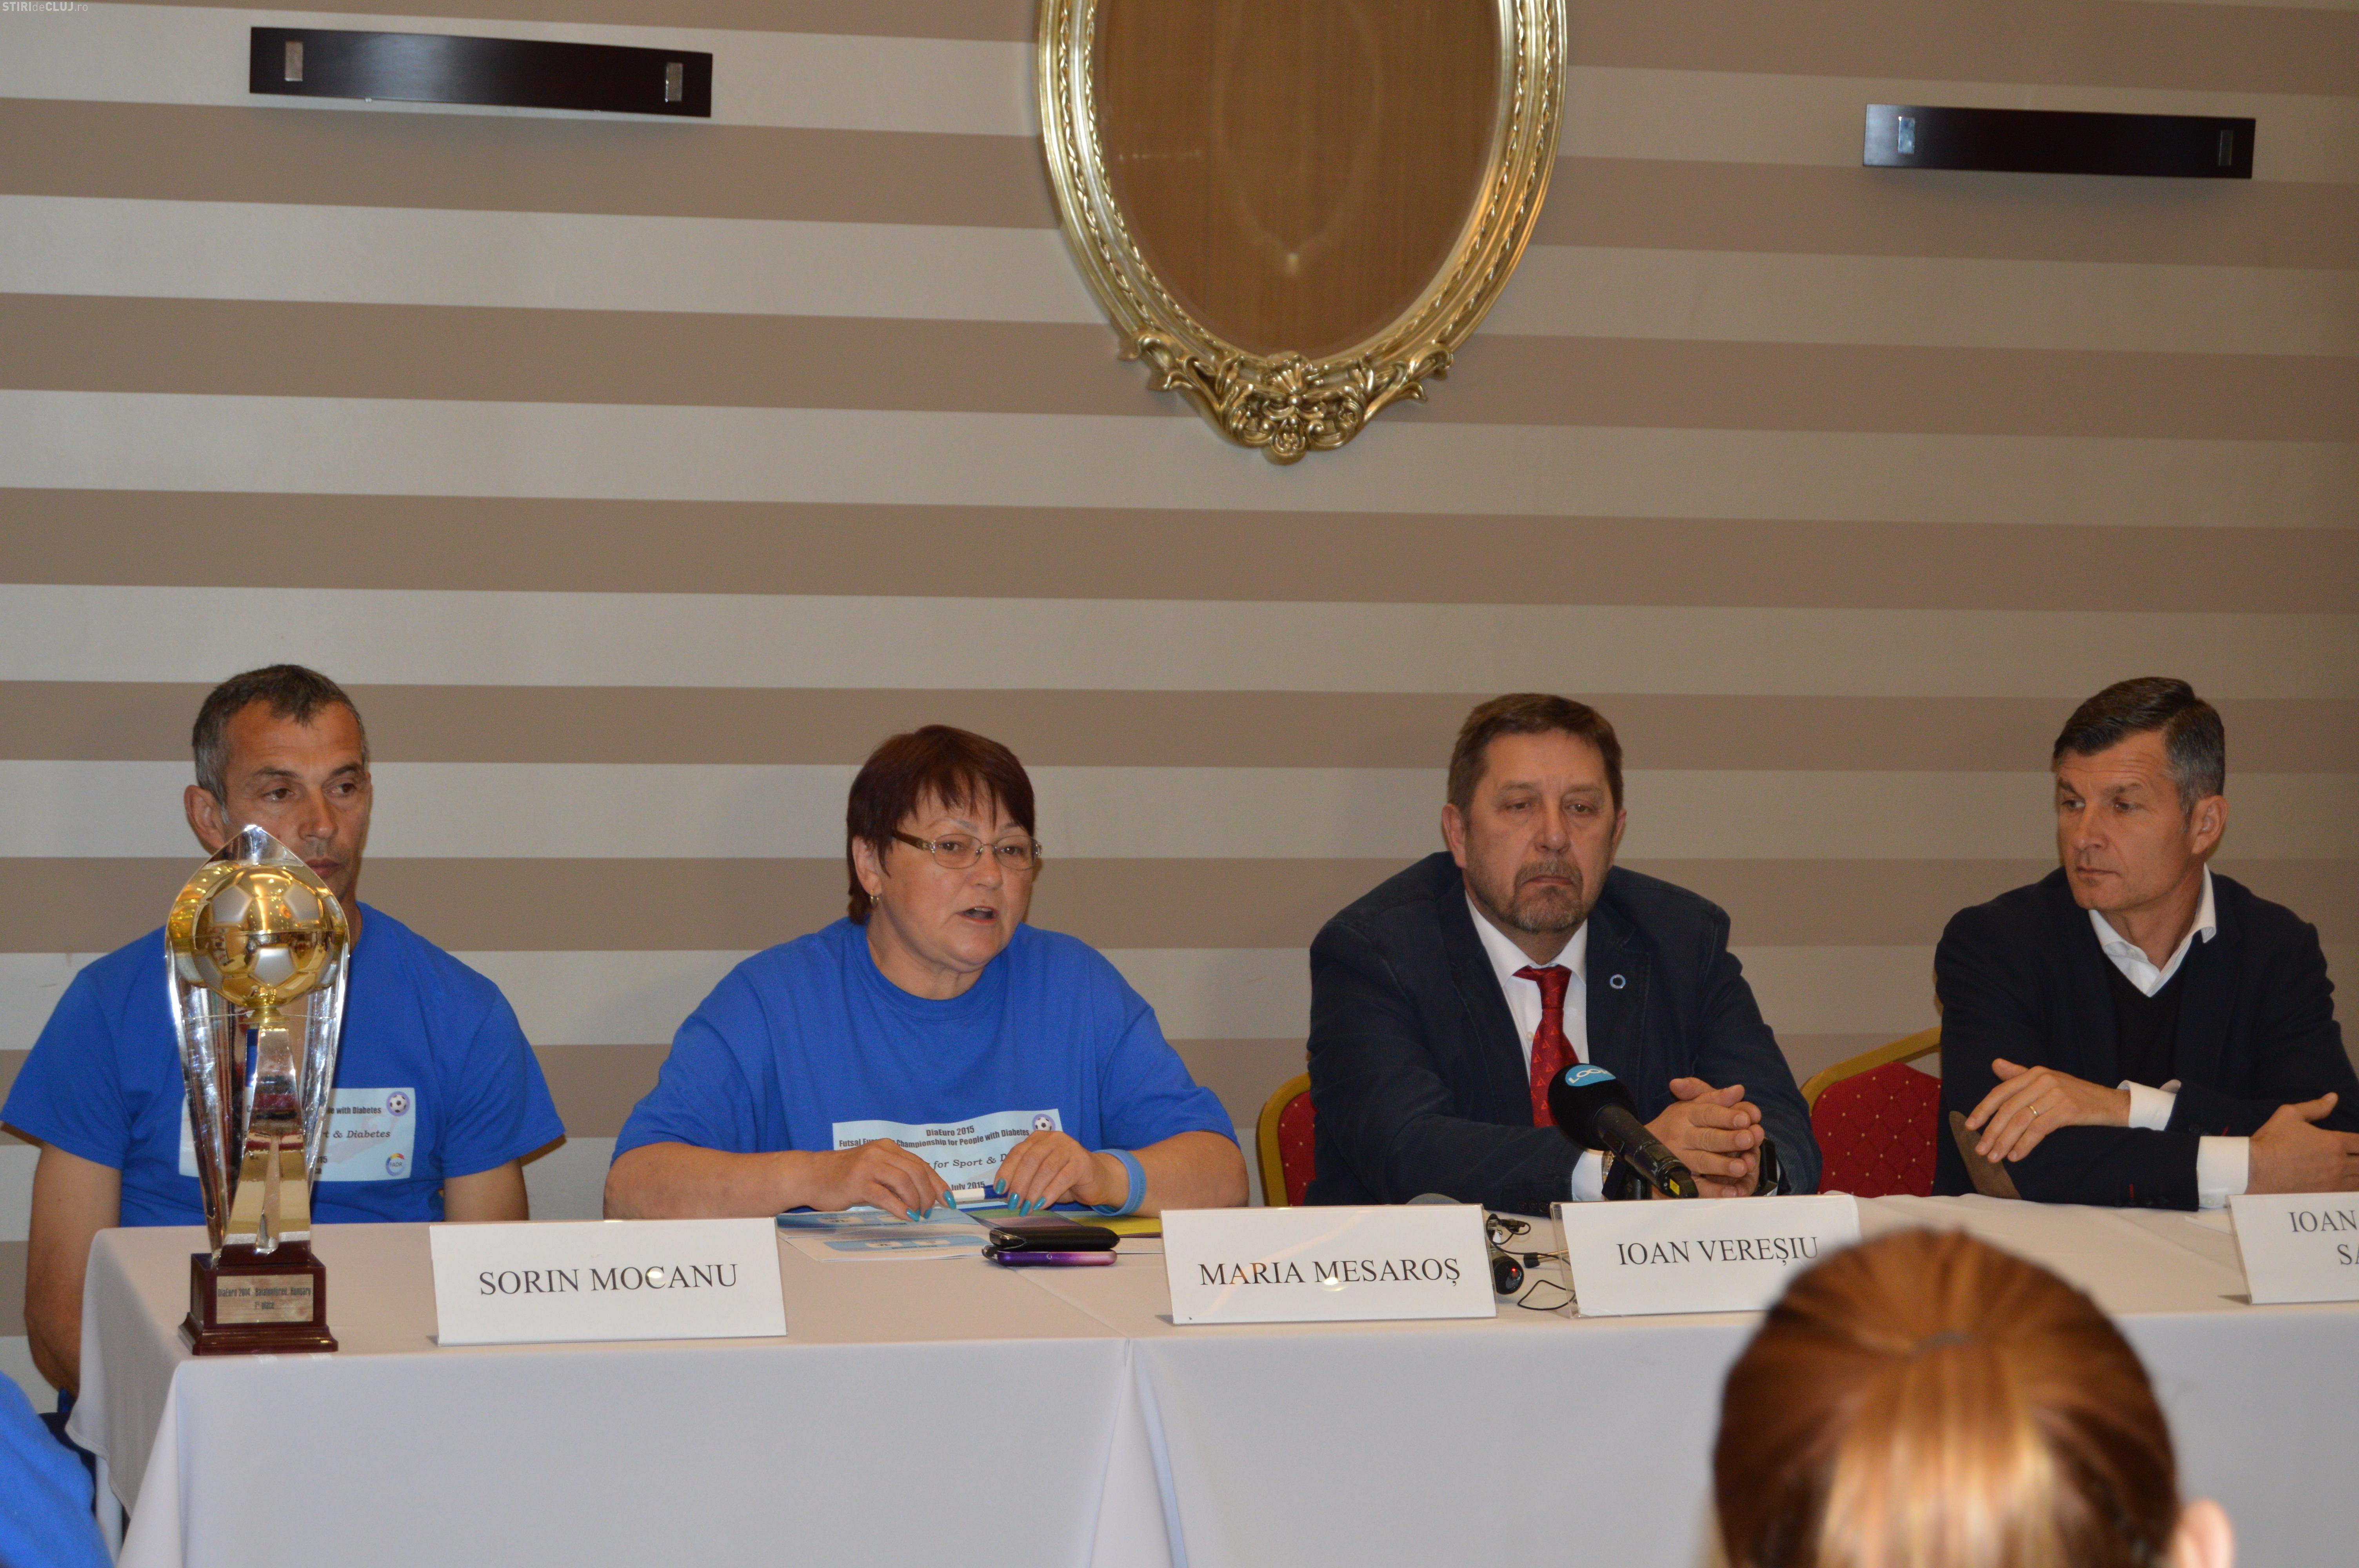 Meci de fotbal amical. Fostele glorii ale U Cluj joacă cu Naționala persoanelor cu diabet - FOTO